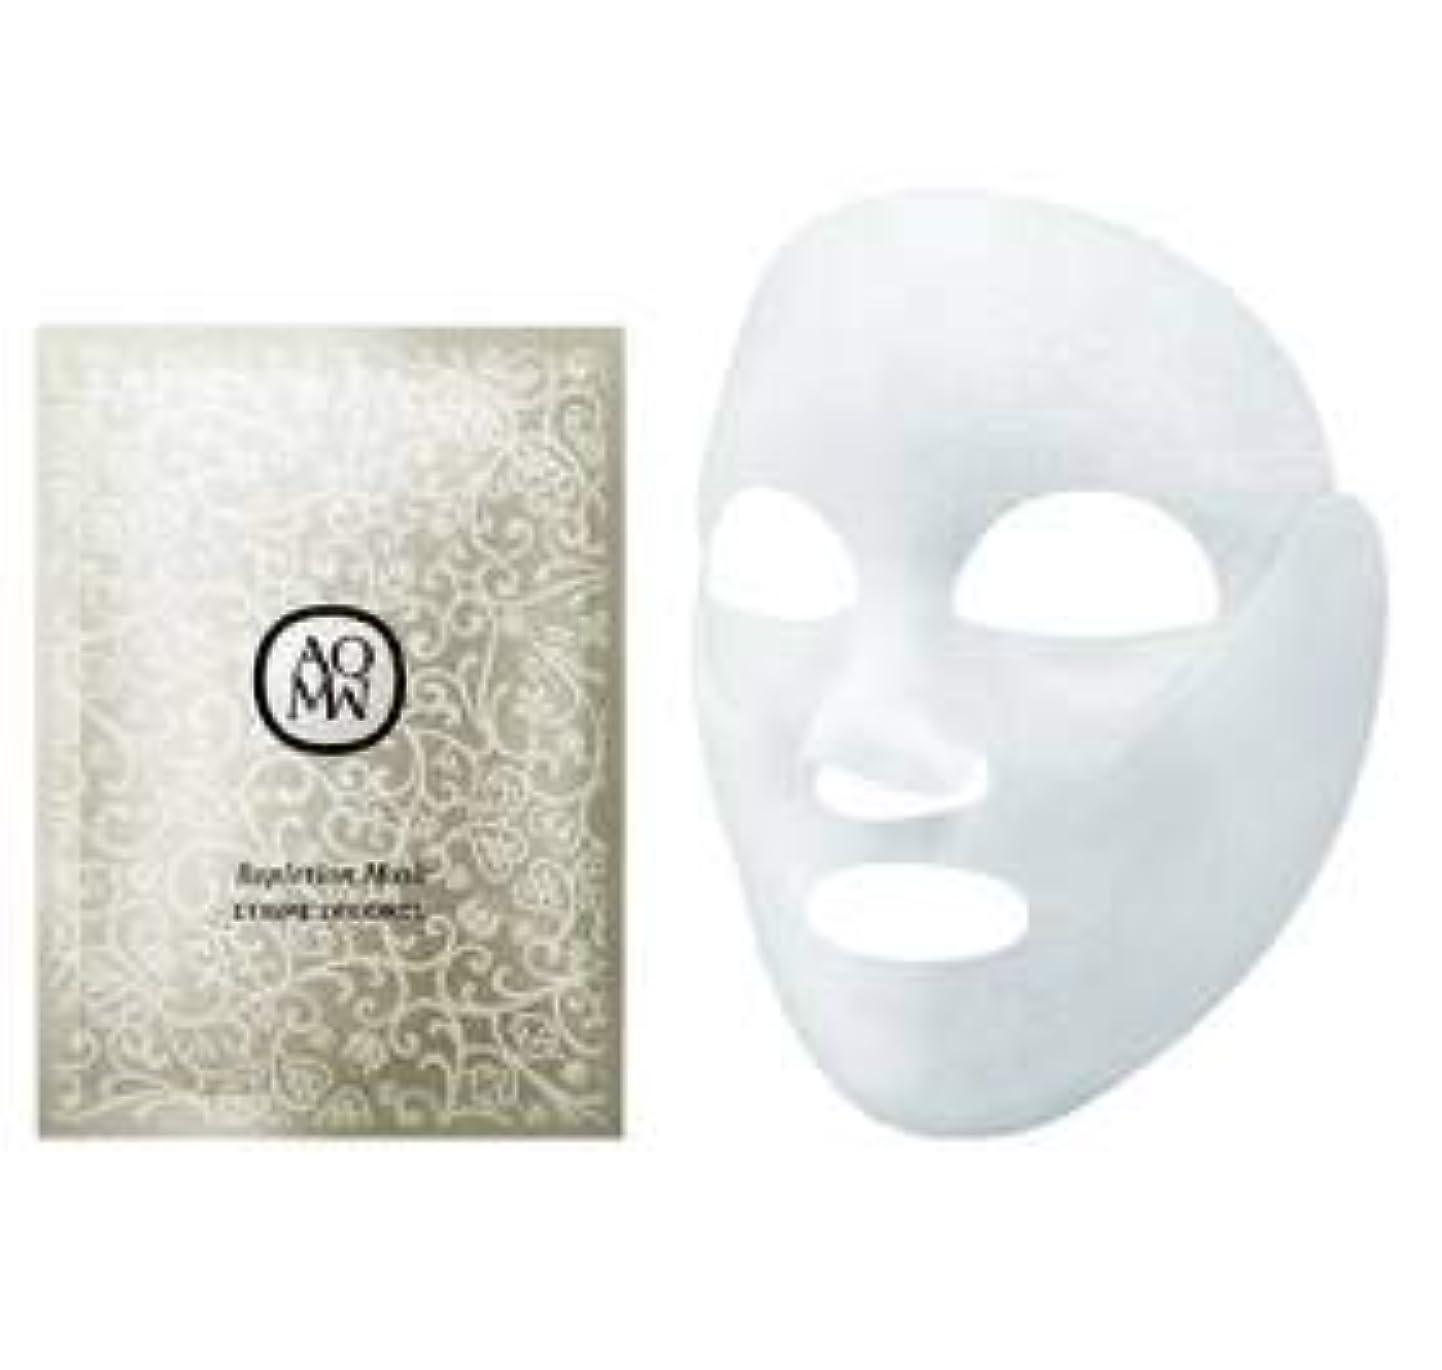 増強するパーセント陽気なコスメデコルテ AQ MW レ プリション マスク(6枚入)